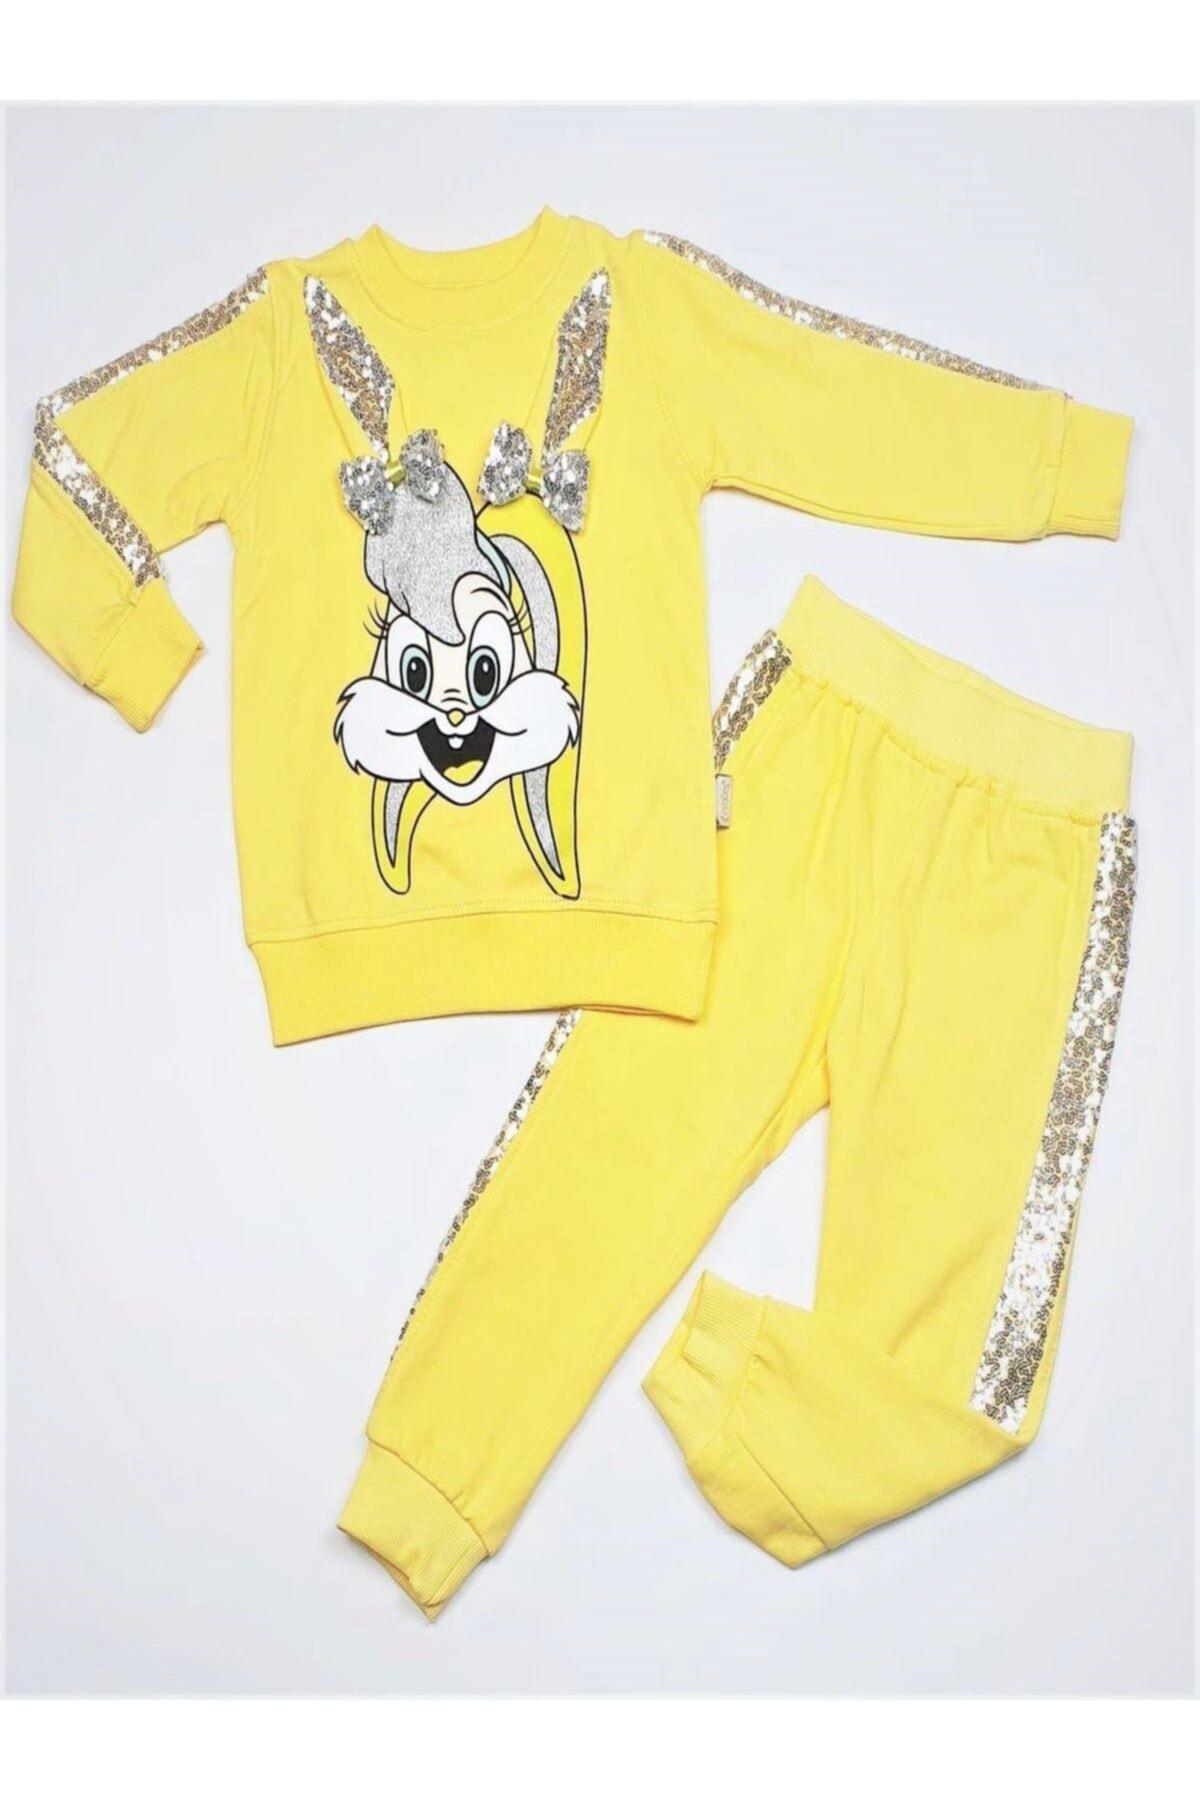 Pullu Tavşan Kız Çocuk Eşofman Takım